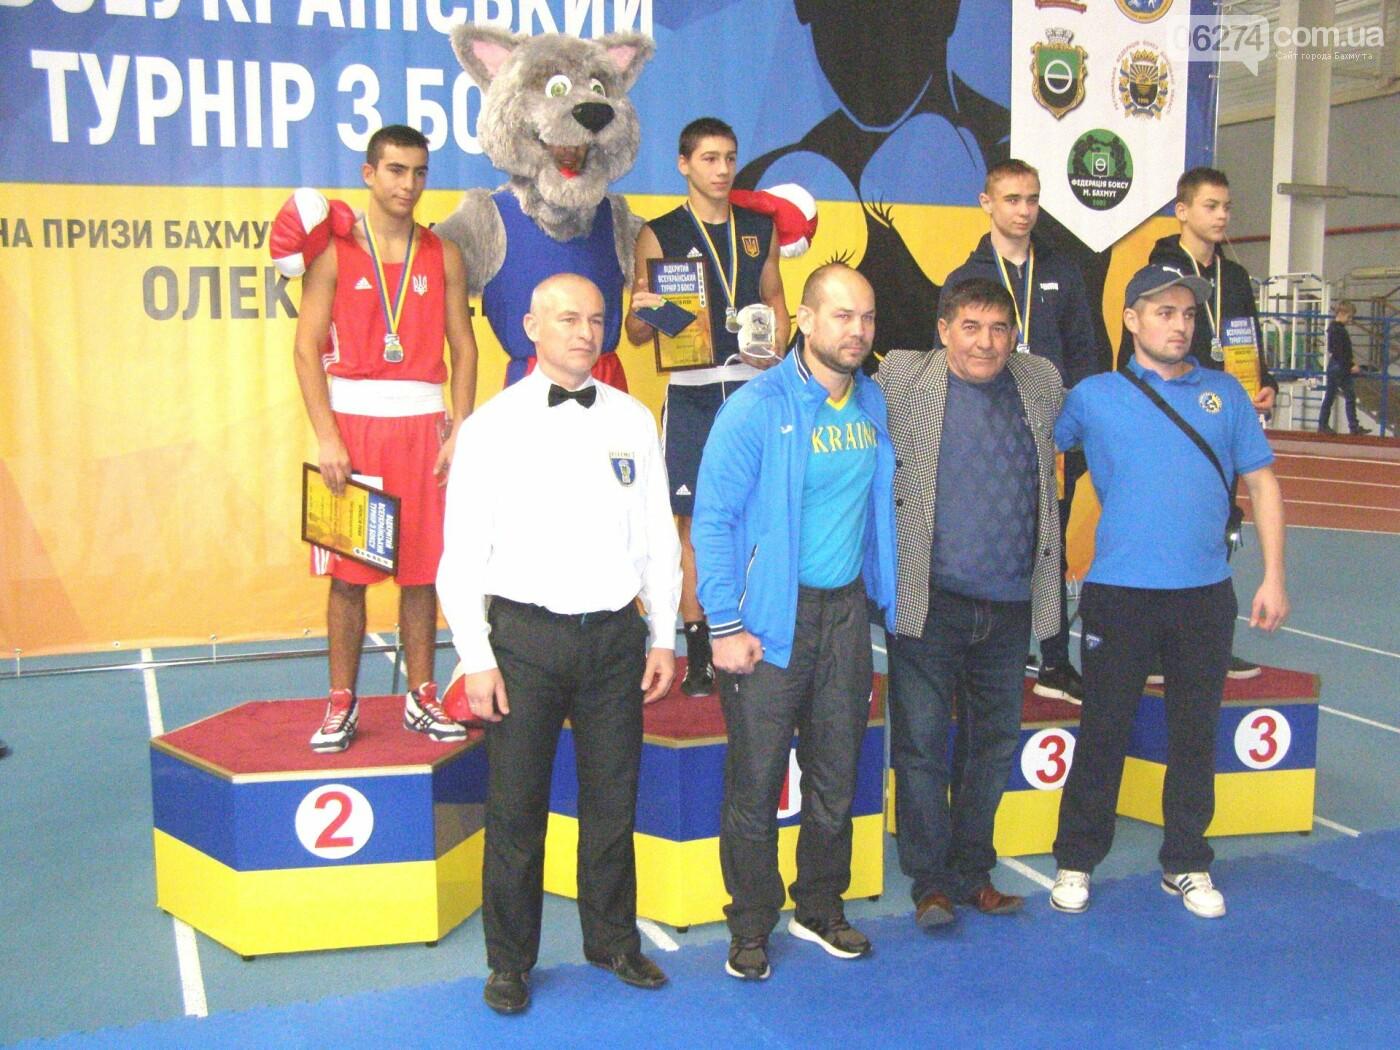 Боксеры Донетчины получили 15 наград всеукраинского турнира среди юниоров в Бахмуте, фото-6